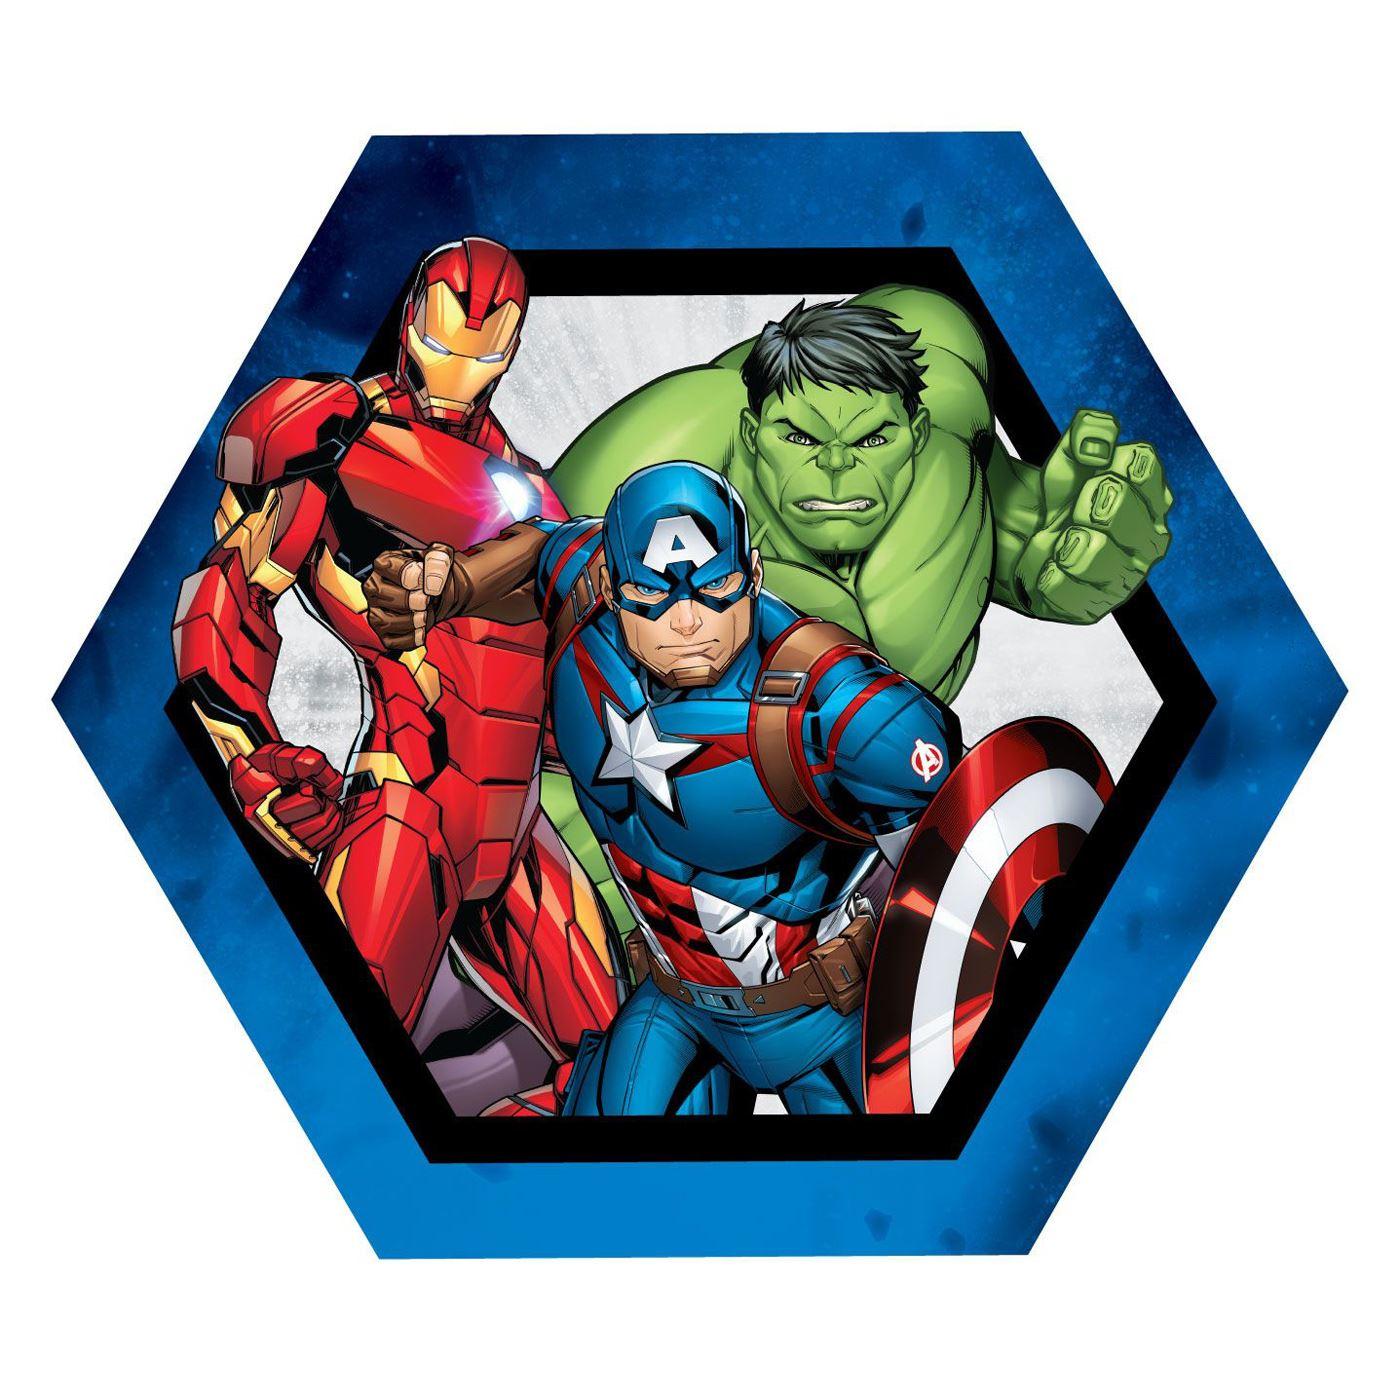 Détails sur Marvel Avengers en forme de Kids Coussin 33 x 30 cm Iron Man Hulk Captain America afficher le titre d'origine